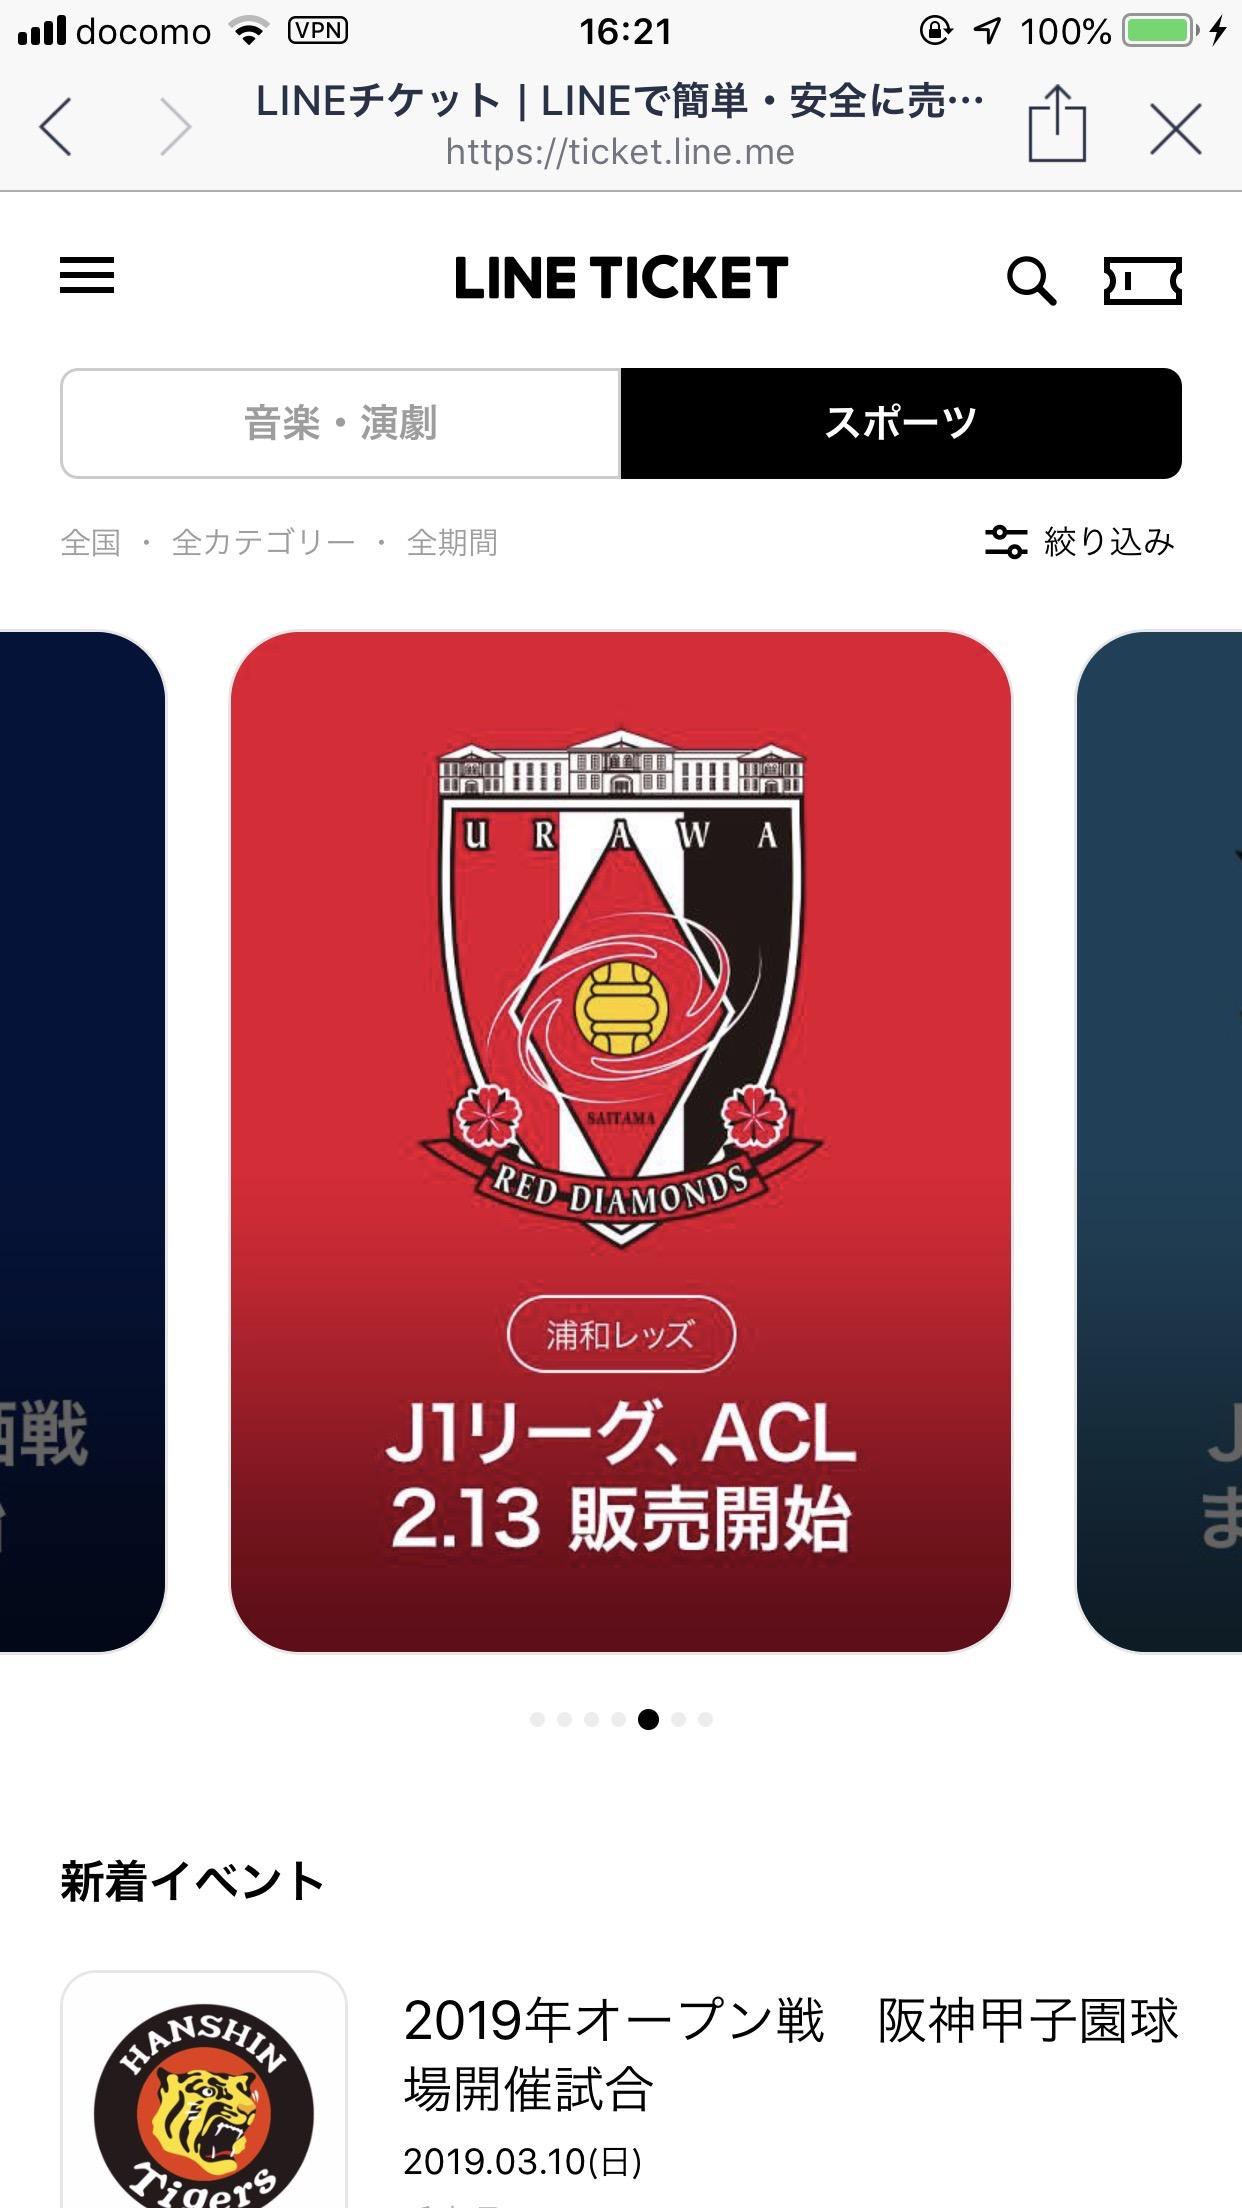 「LINEチケット」Jリーグ・プロ野球などスポーツチケットの取扱を開始